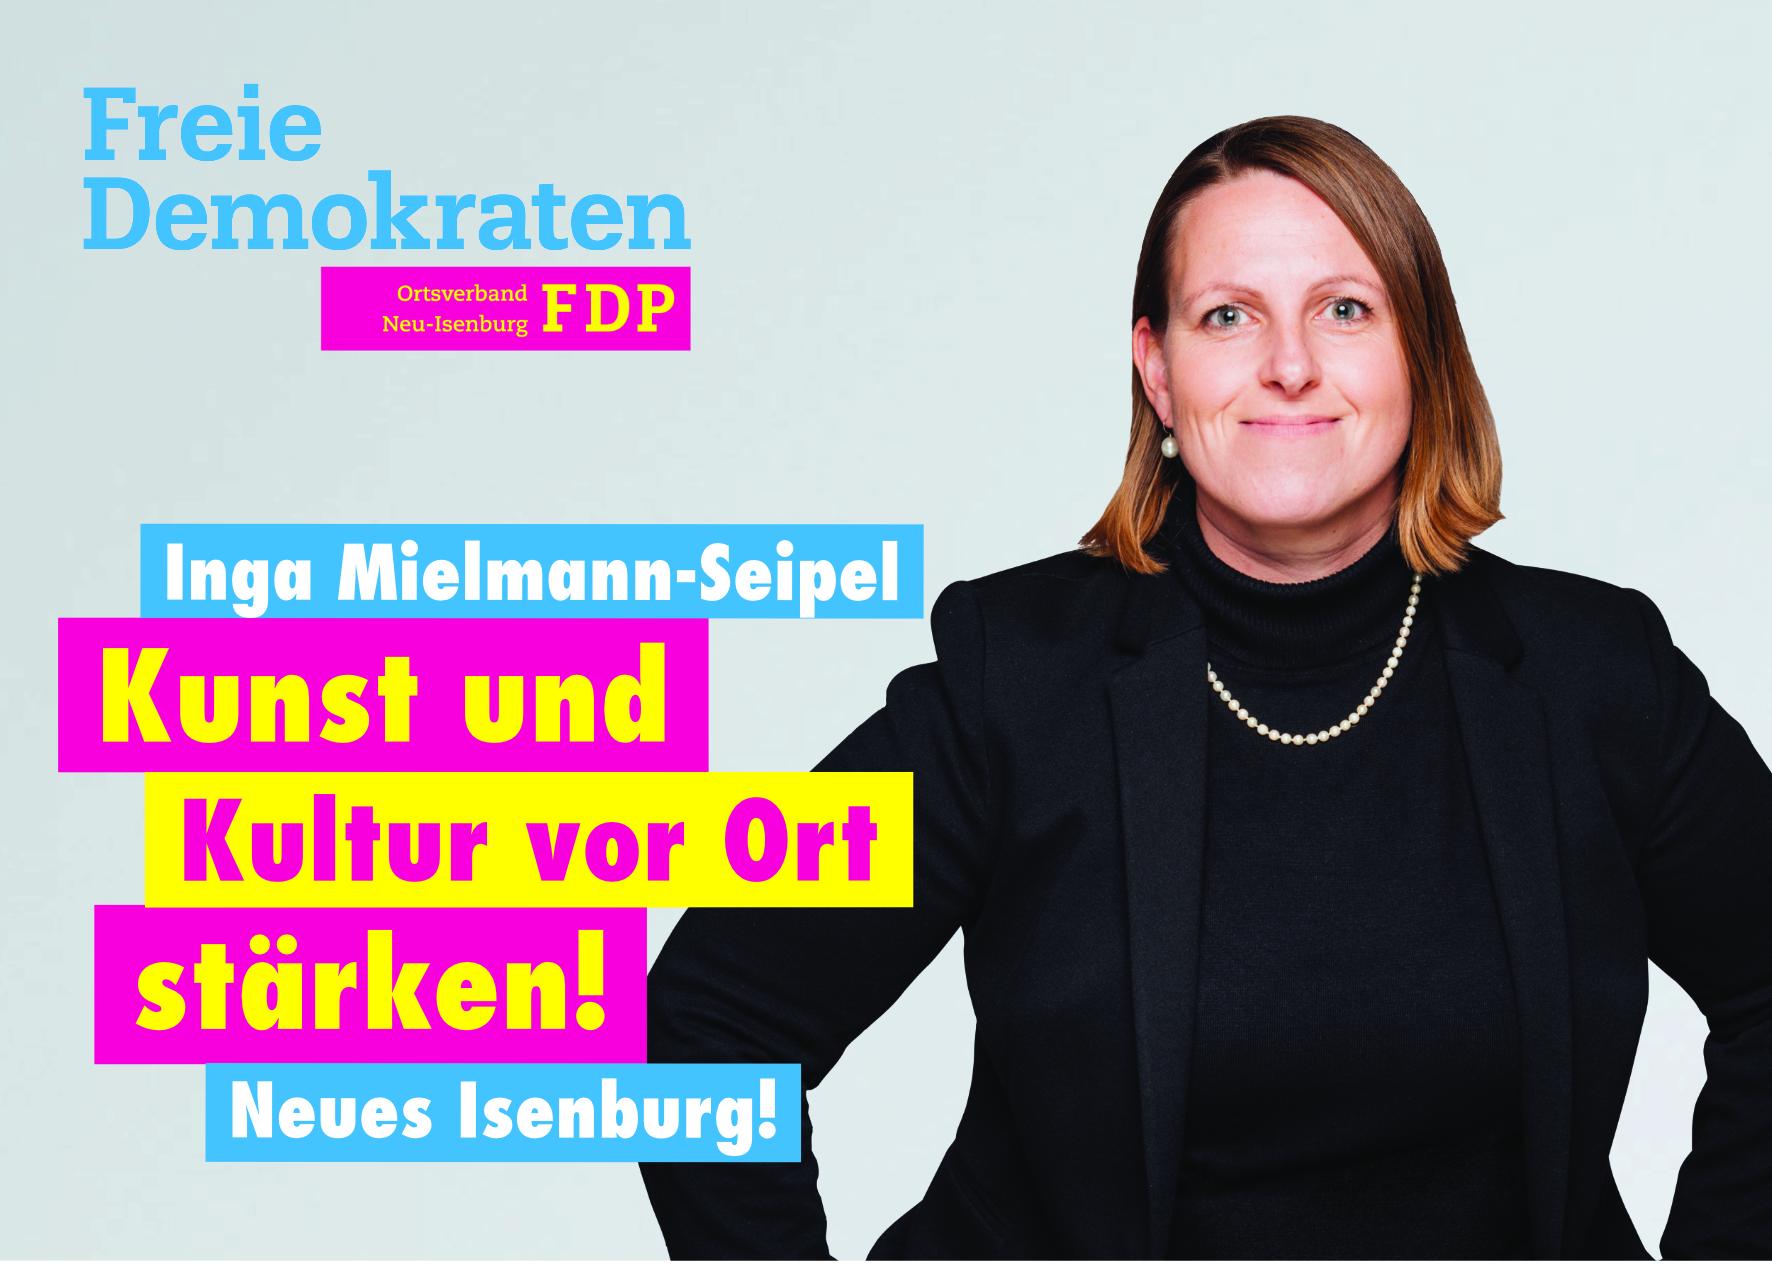 Inga Mielmann-Seipel, Listenplatz 10. zur Kommunalwahl am 14. März 2021 in Neu-Isenburg.